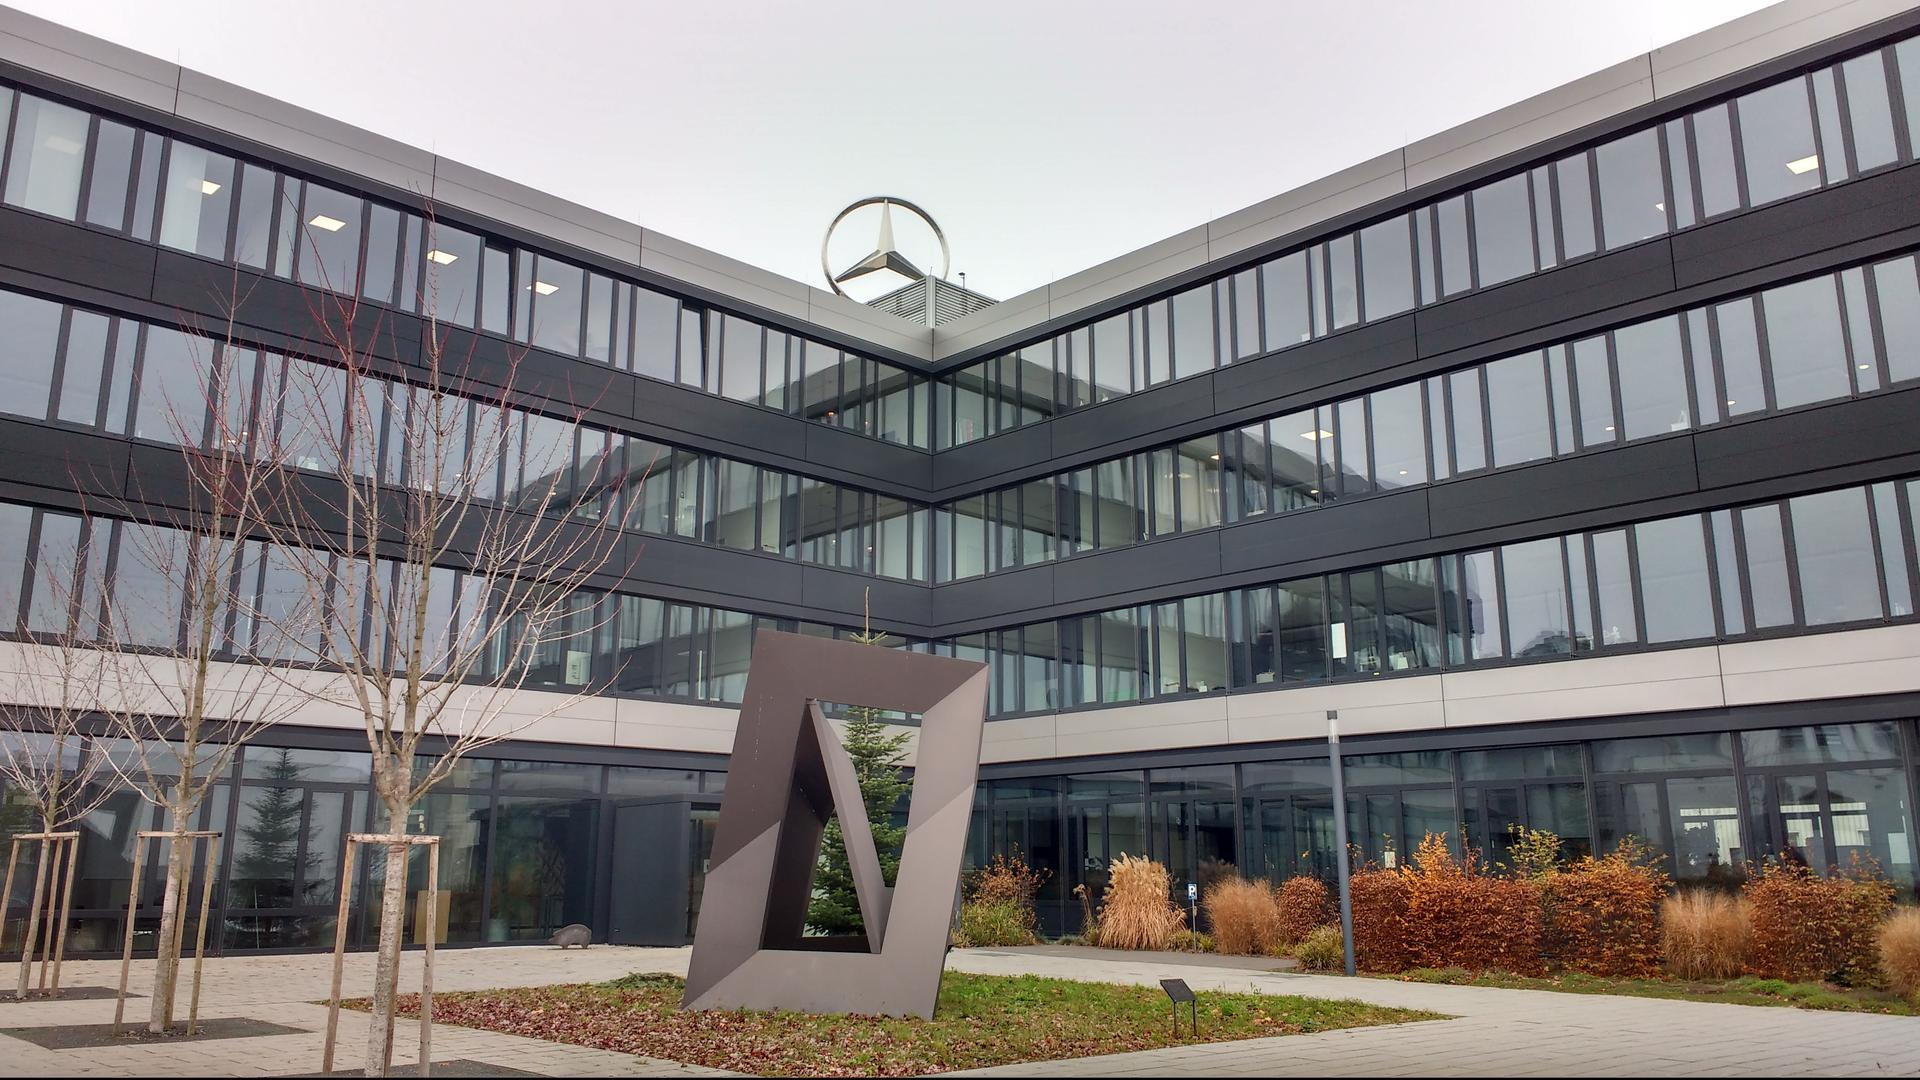 Zeit des Umbruchs: Die Veränderungen in der Automobilbranche und die Abspaltung der Daimler Truck AG betreffen auch das Mercedes-Benz-Werk in Gaggenau.